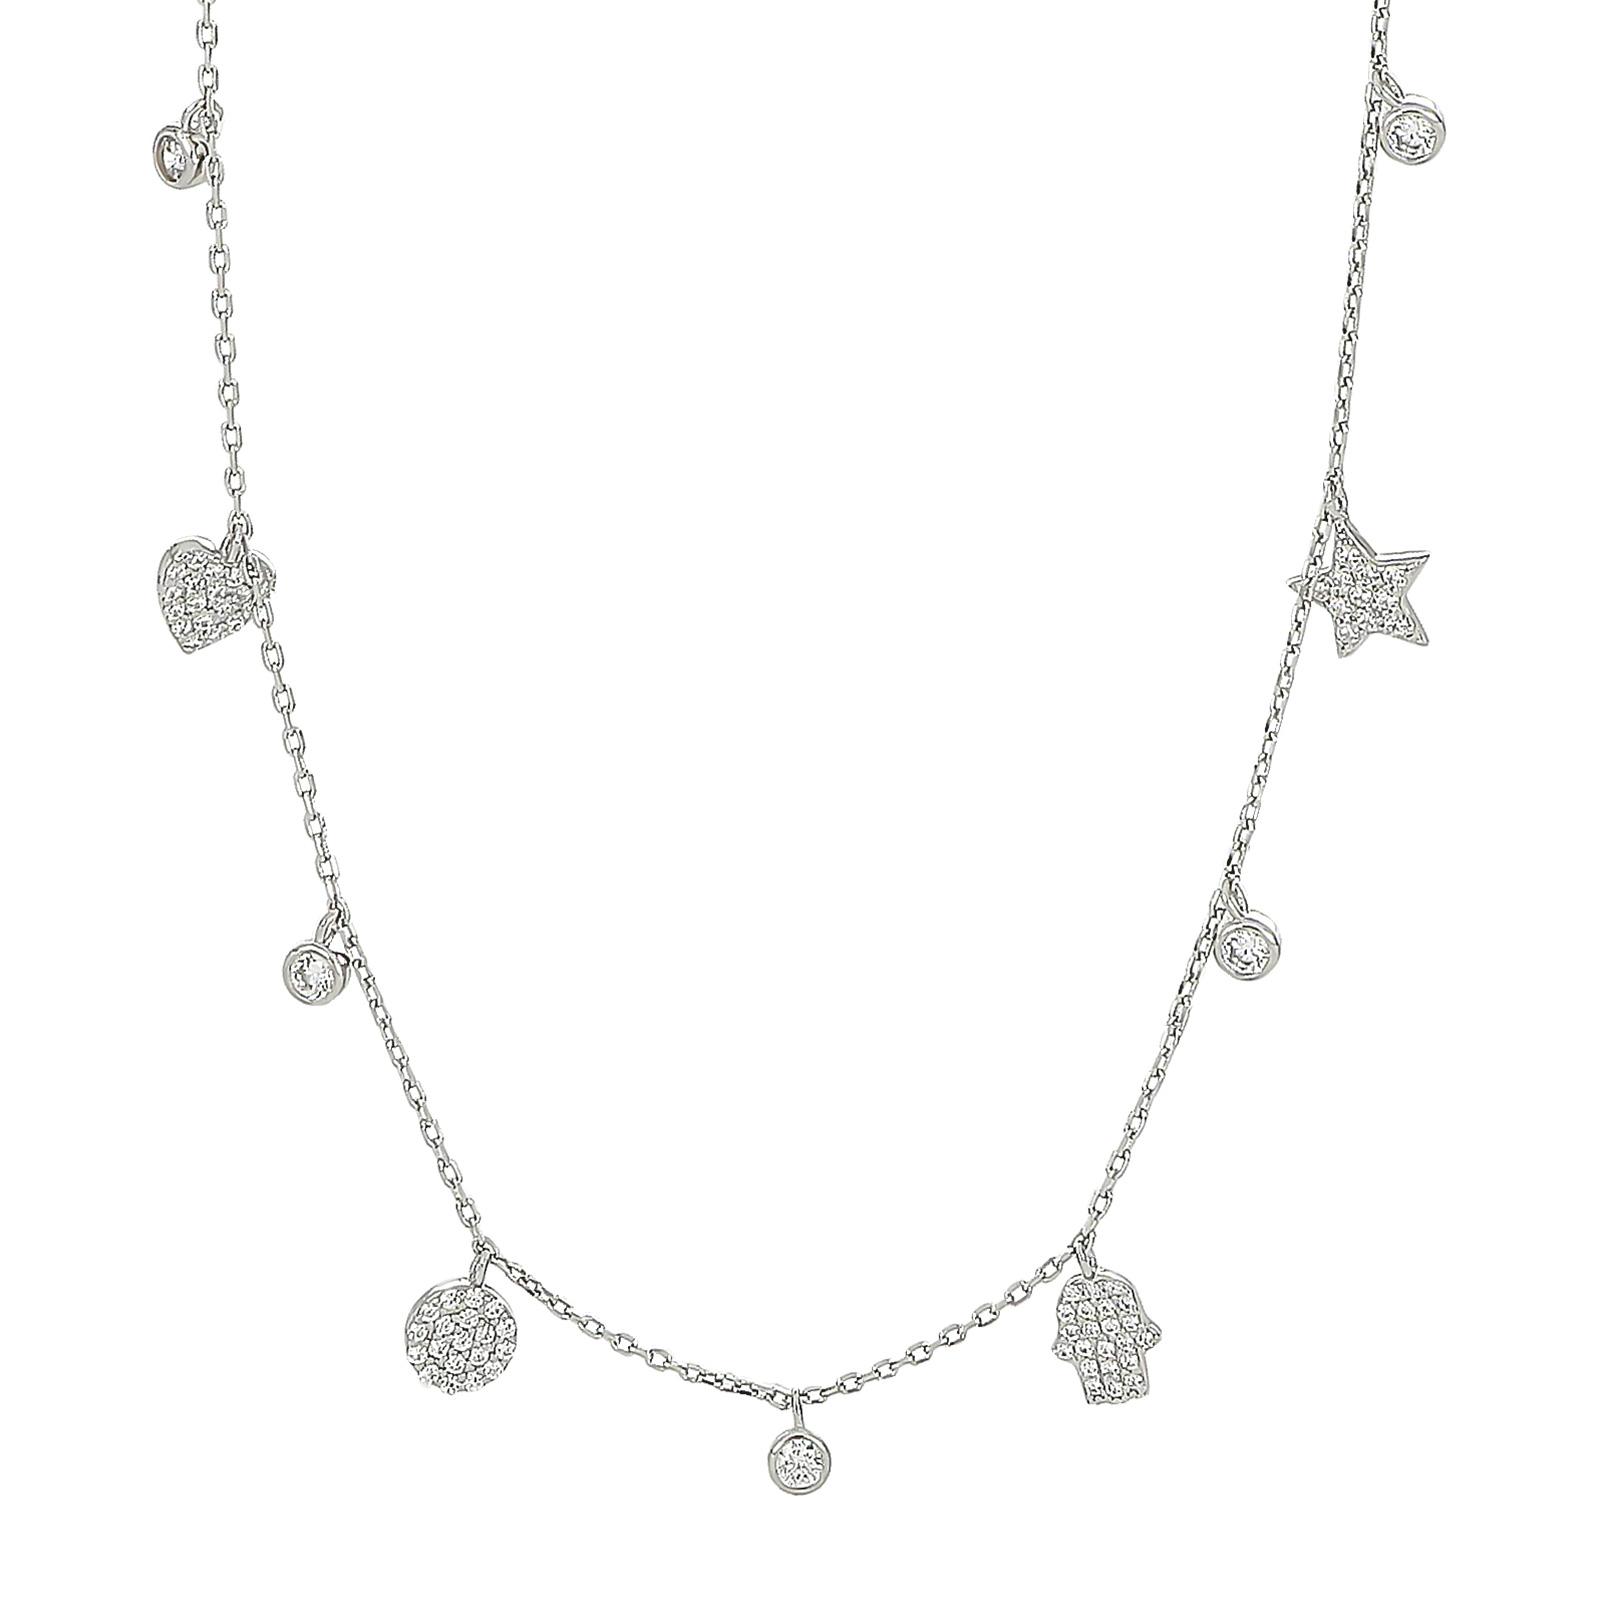 Rhodineret sølv halskæde med vedhæng med zirkoner fra Joanli Nor